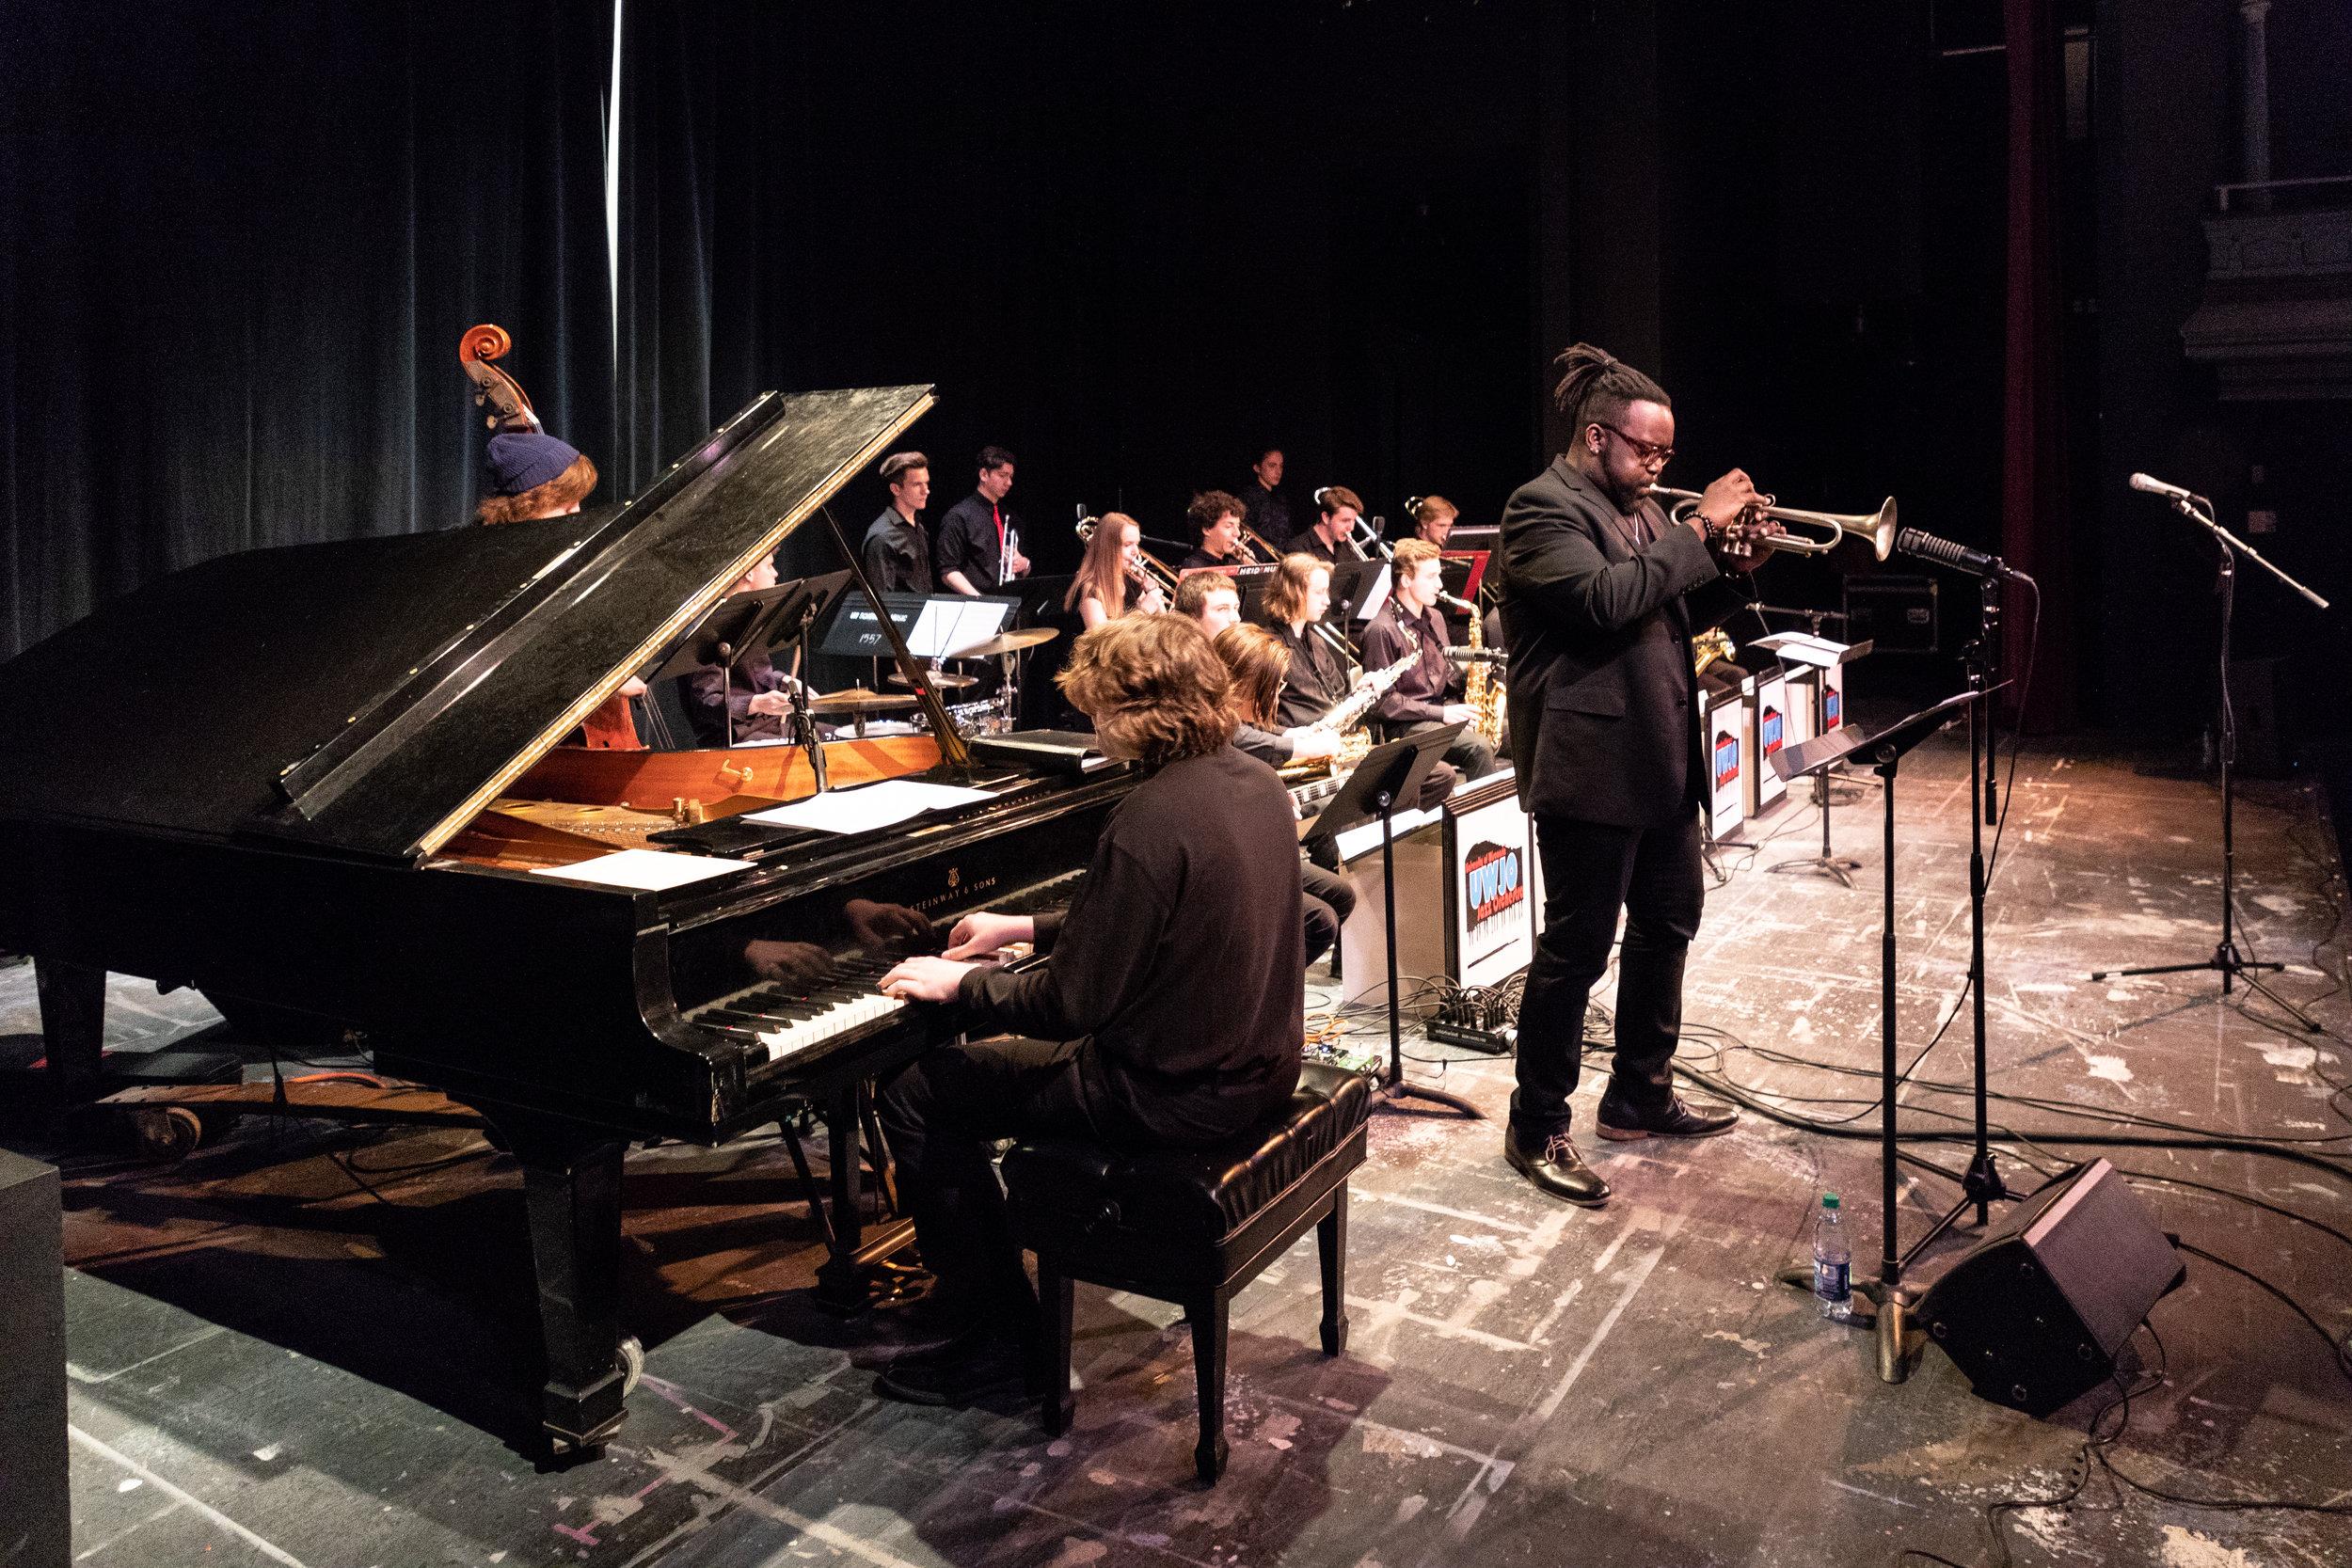 uwmusic-jazzhonorsband-042718-9455.jpg